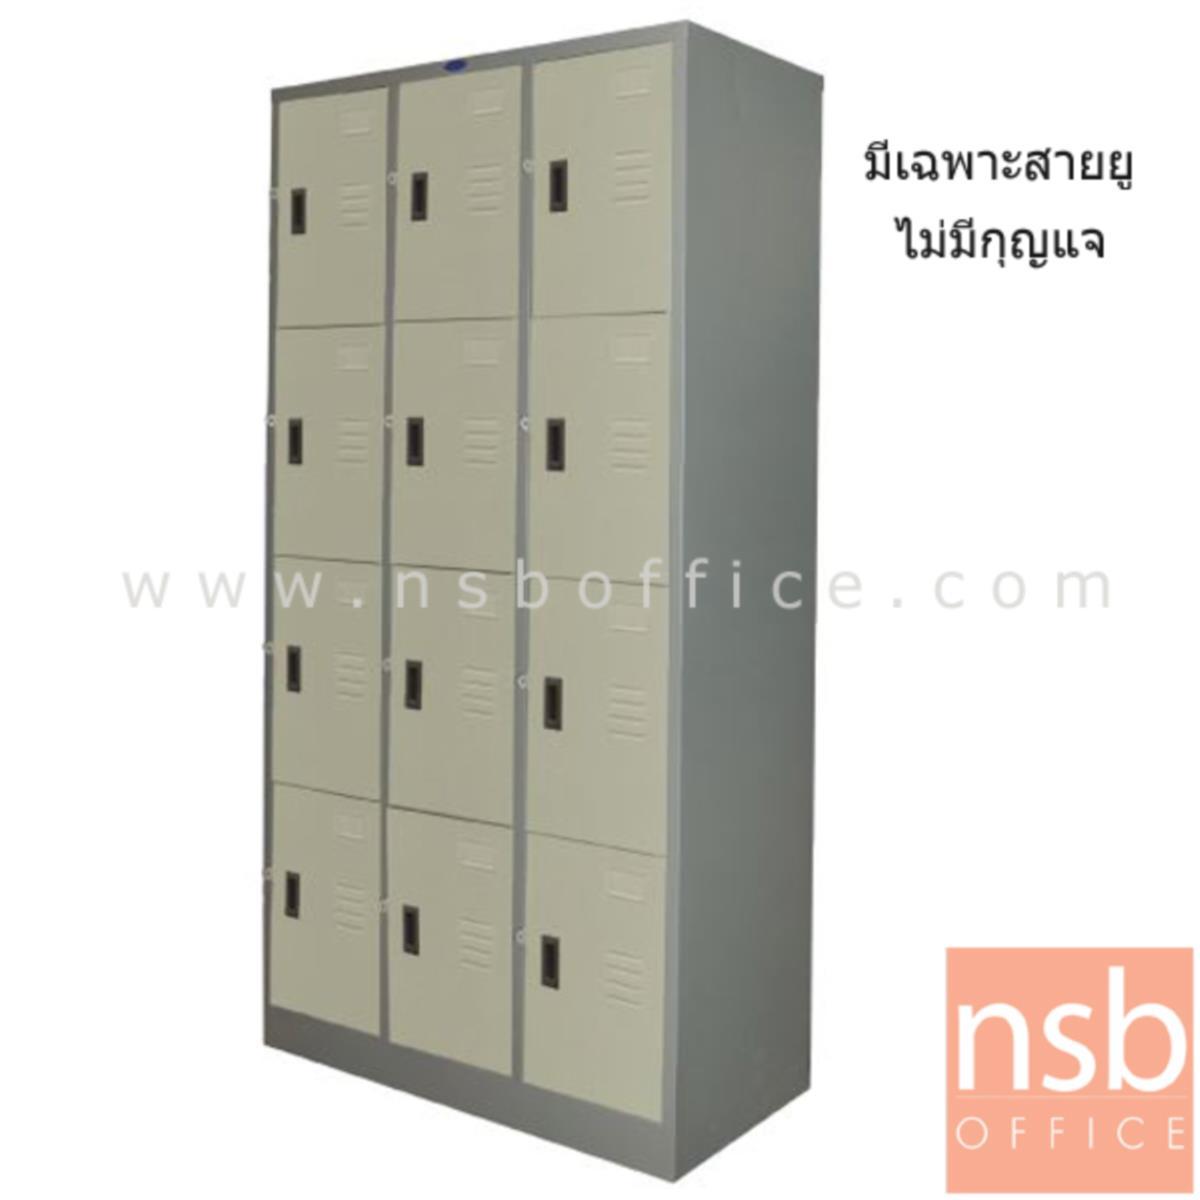 E03A036:ตู้ล็อคเกอร์ 12 ประตู รุ่น PK-012 (ไม่มีกุญแจ มีเฉพาะสายยู)